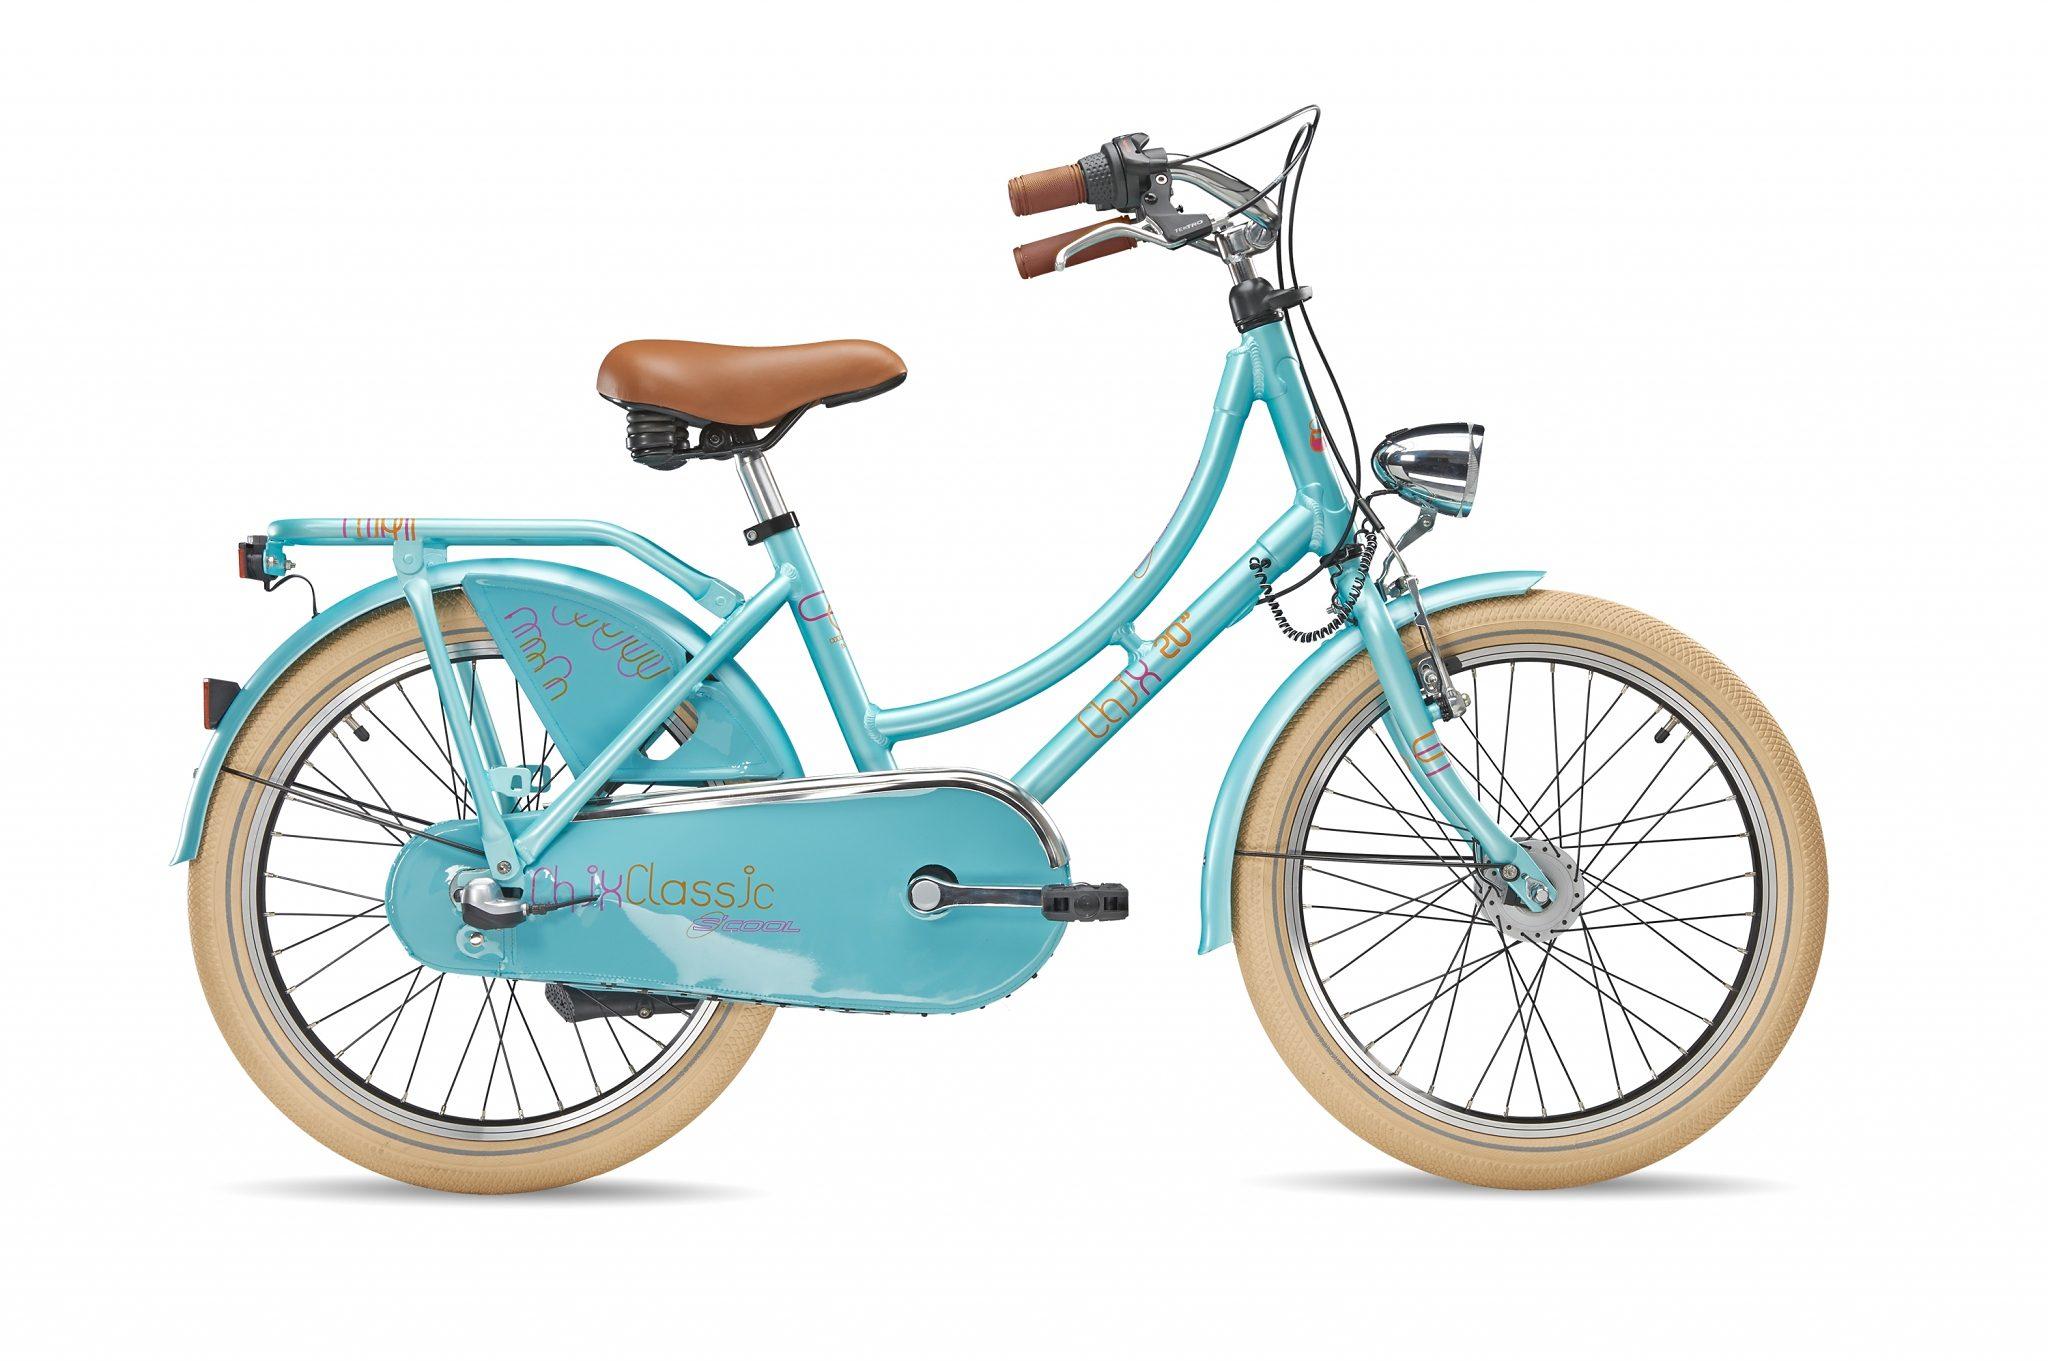 S'COOL Kinderrad »chiX classic 20-3«